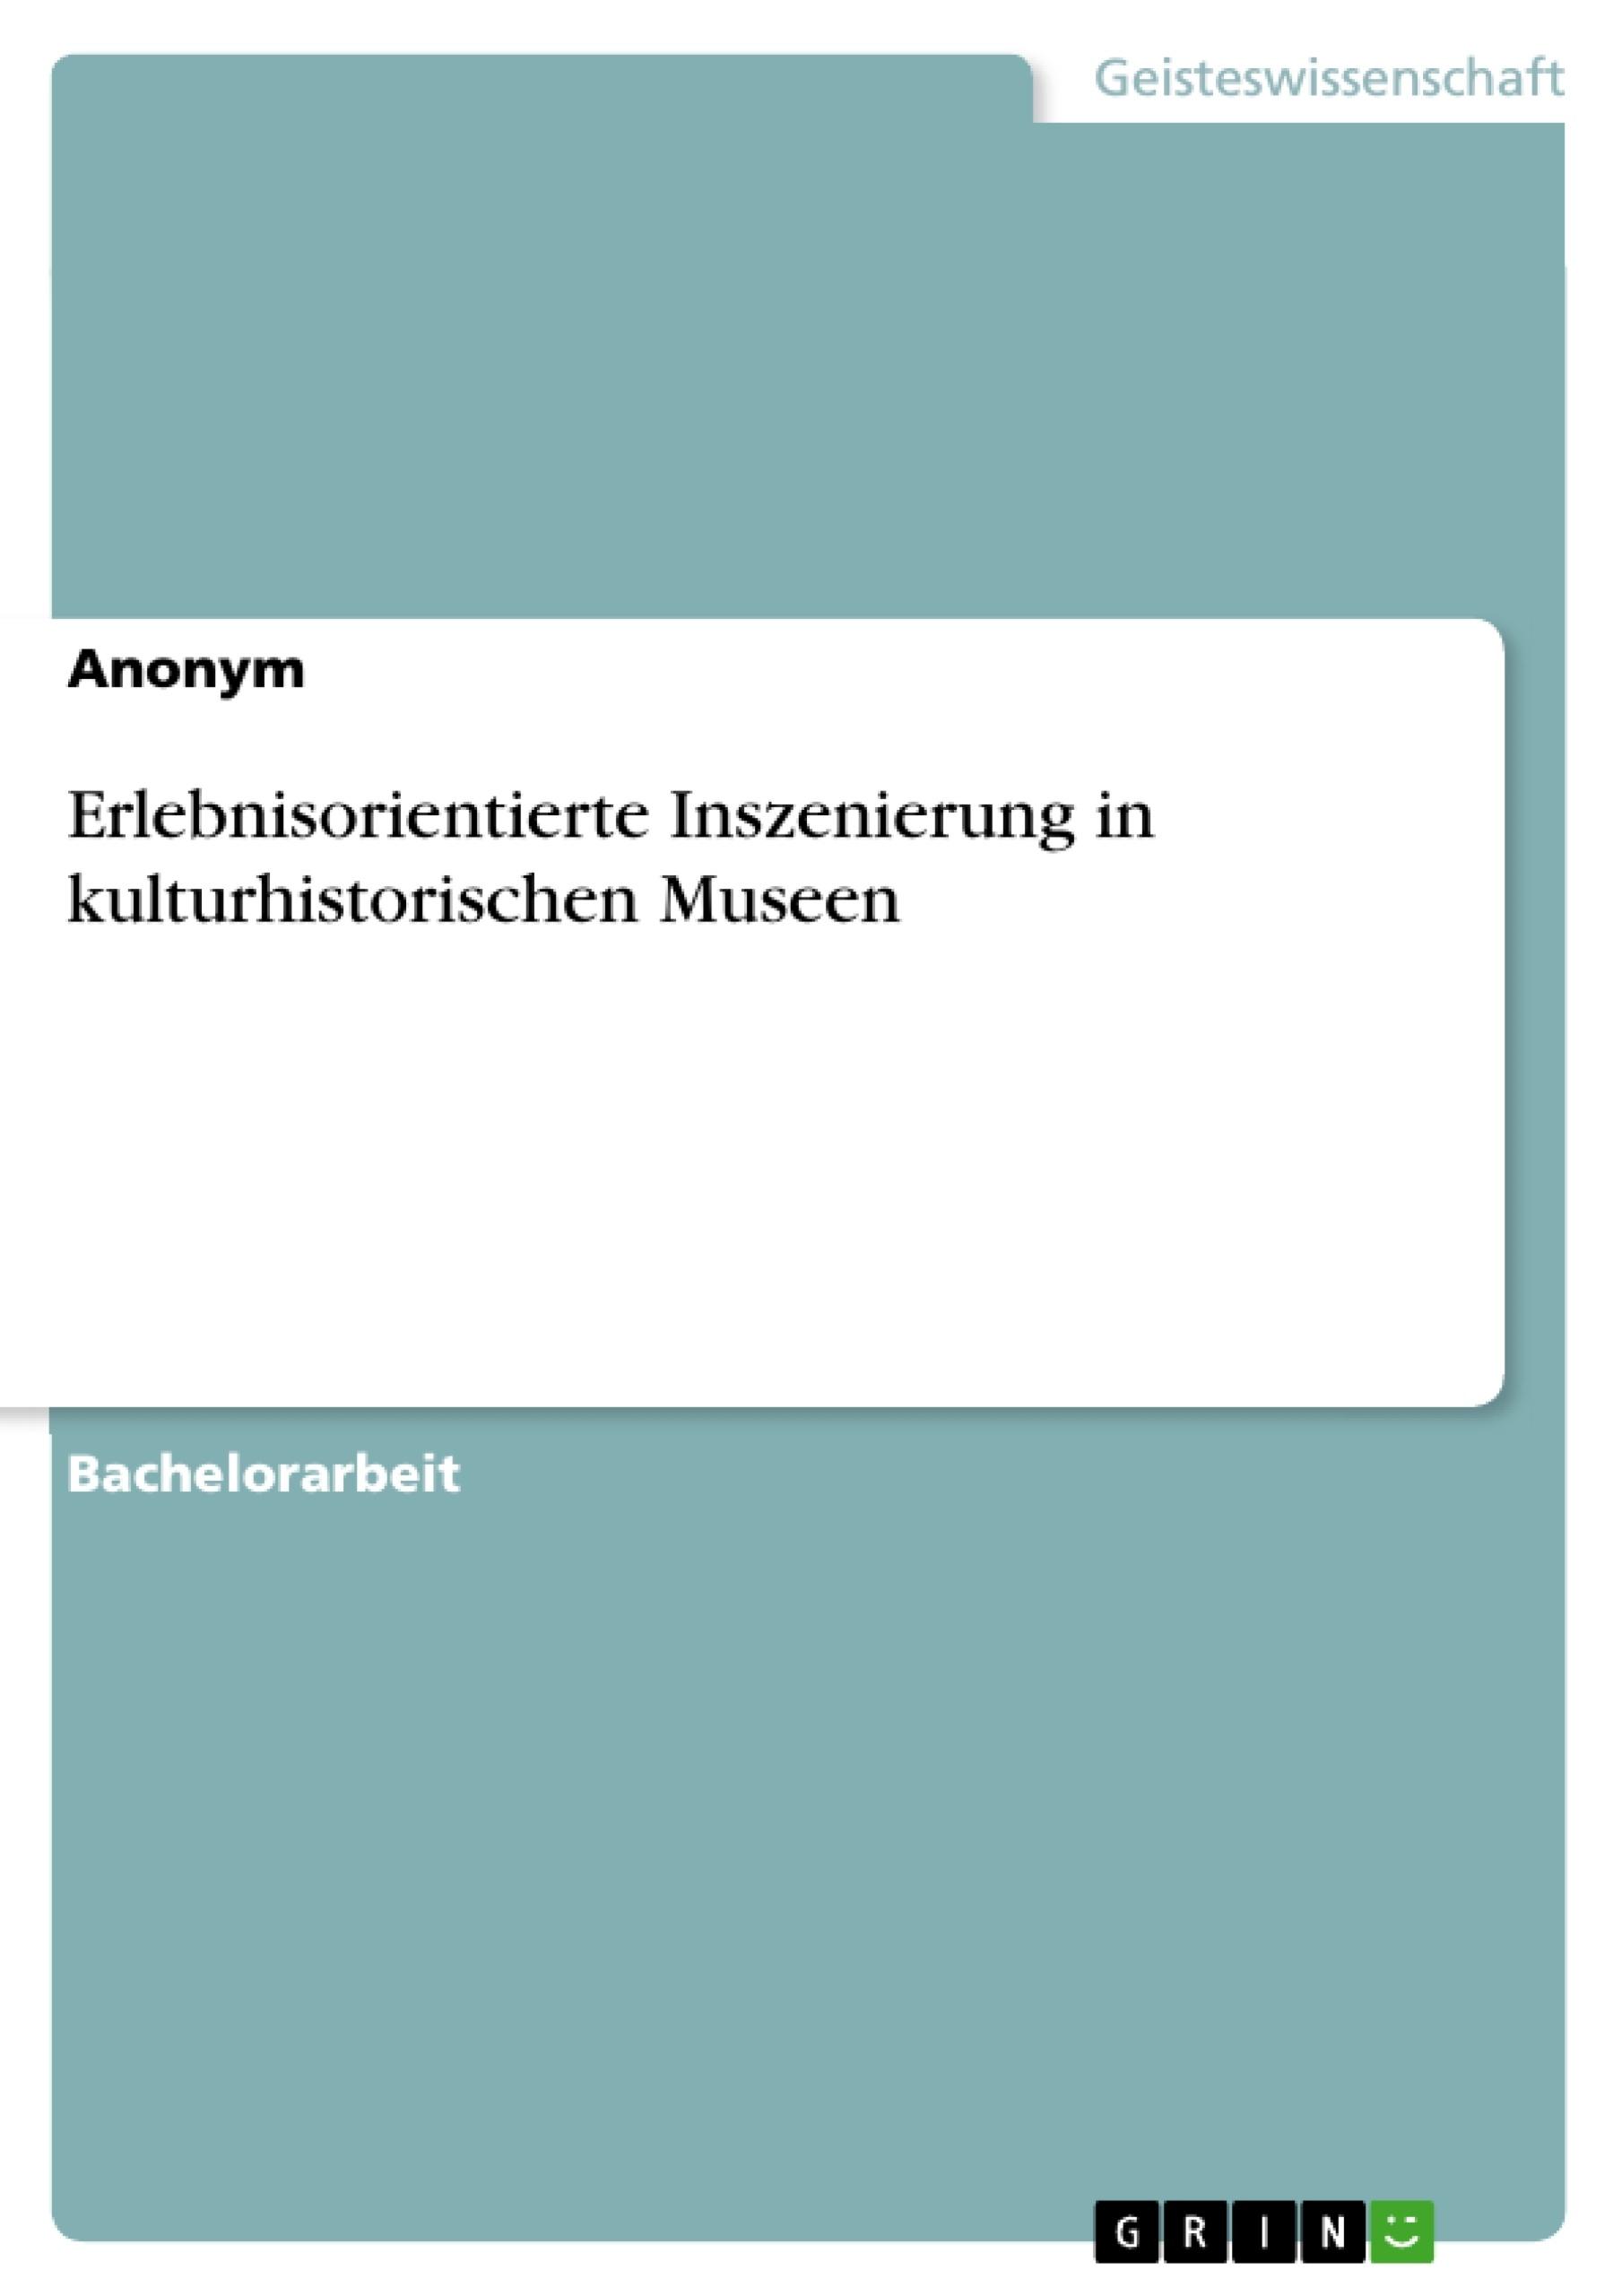 Titel: Erlebnisorientierte Inszenierung in kulturhistorischen Museen